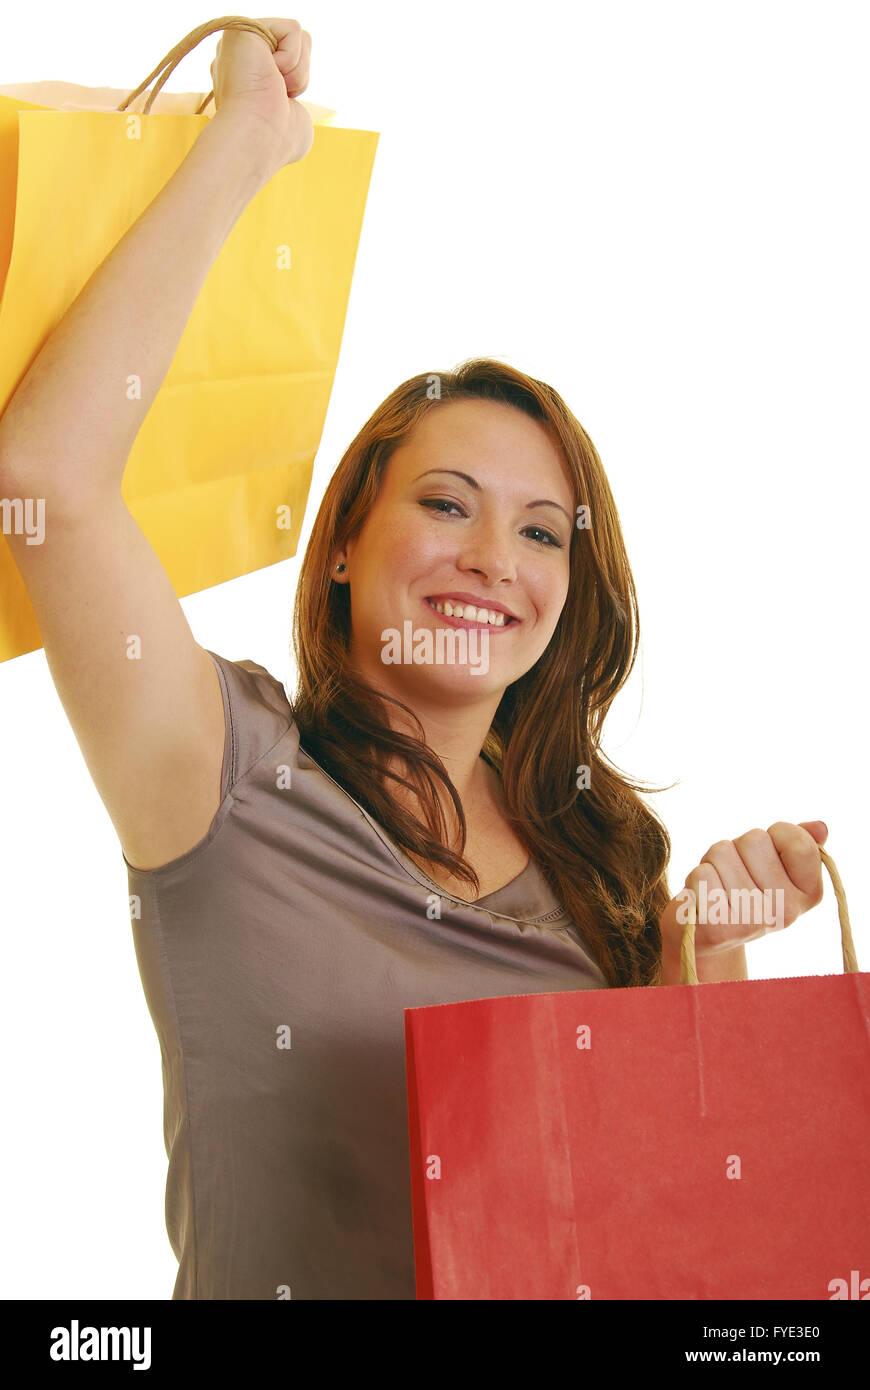 Heureux avec les achats Photo Stock